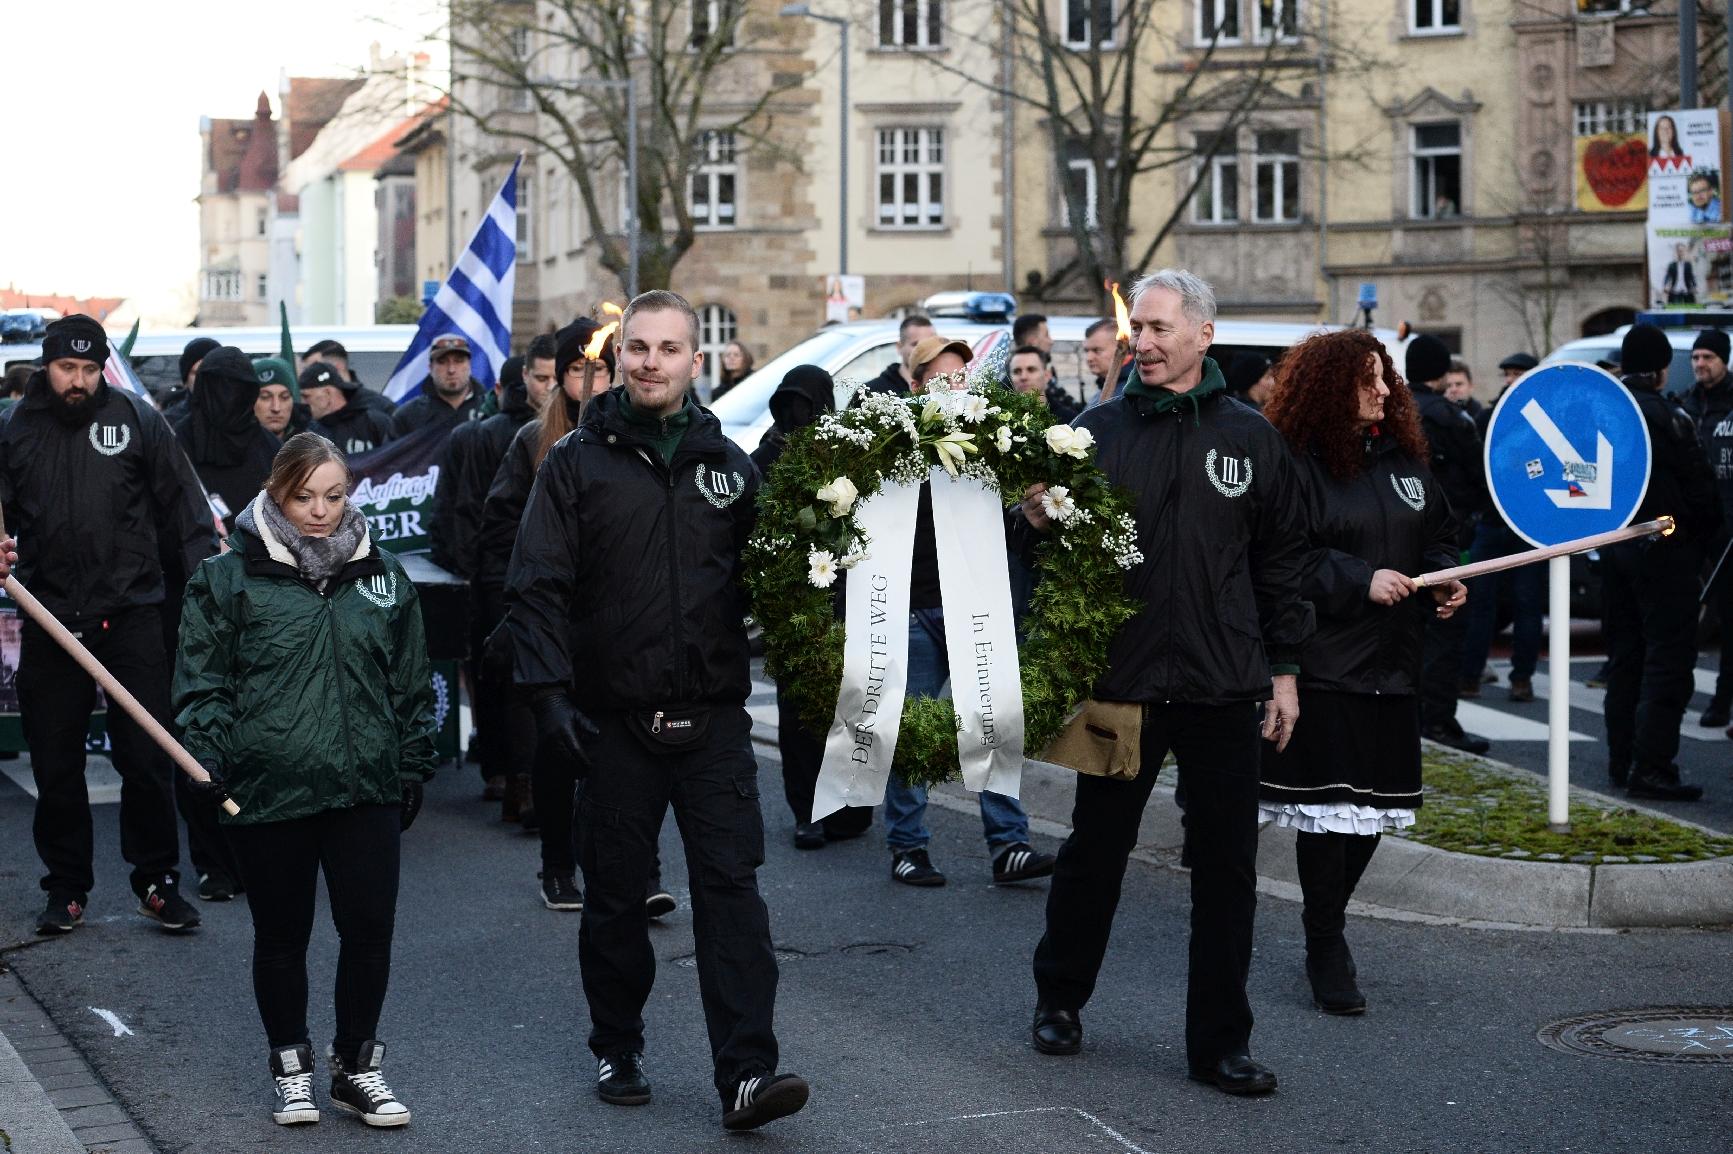 Blockaden in Bamberg stören Neonazi-Aufmarsch - Störungsmelder